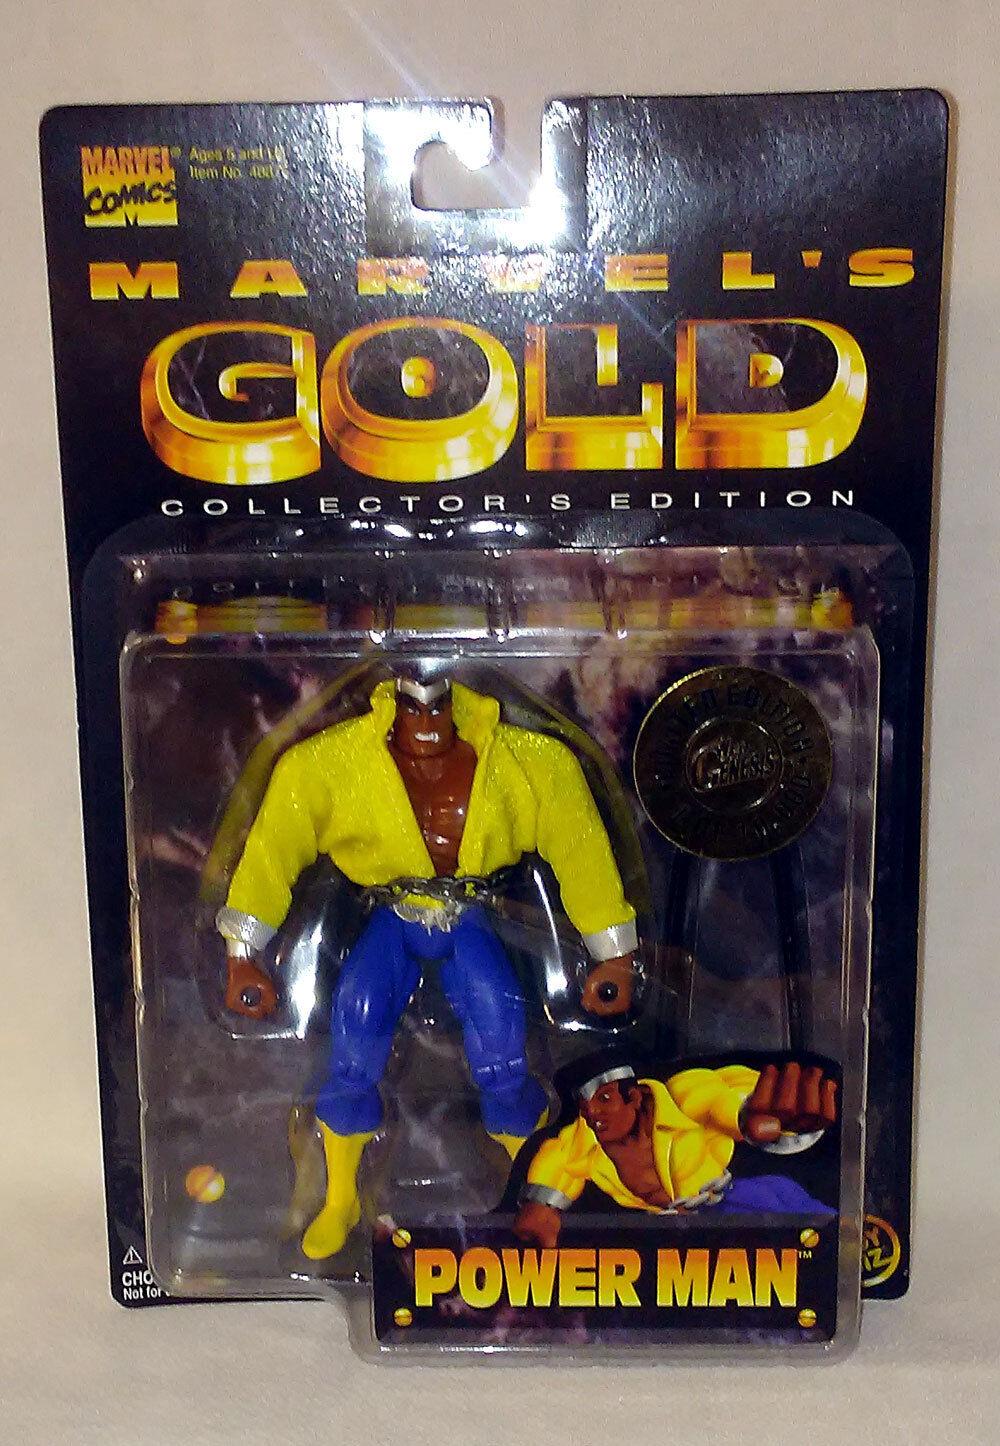 Power Man (Luke Cage) de MARVEL or EDITION COLLECTOR TOYBIZ  1997  économiser jusqu'à 80%